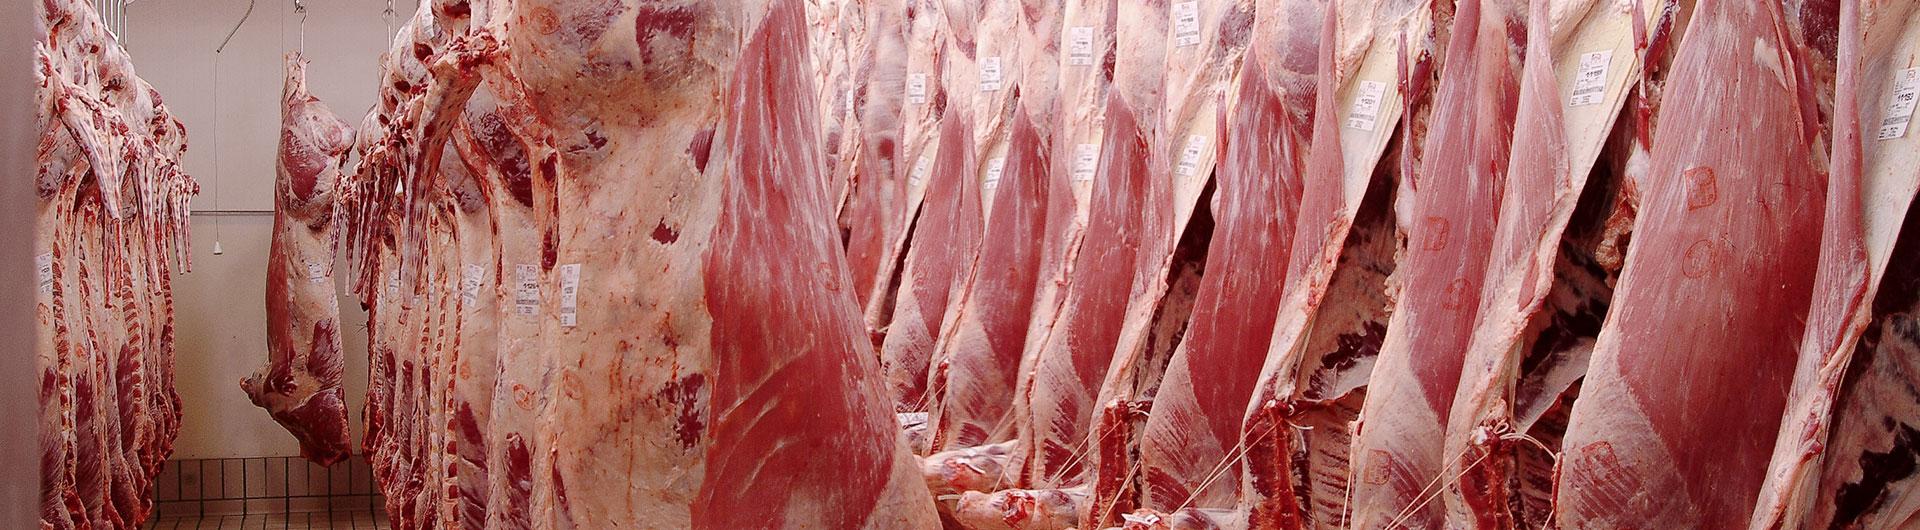 Grossiste en viande